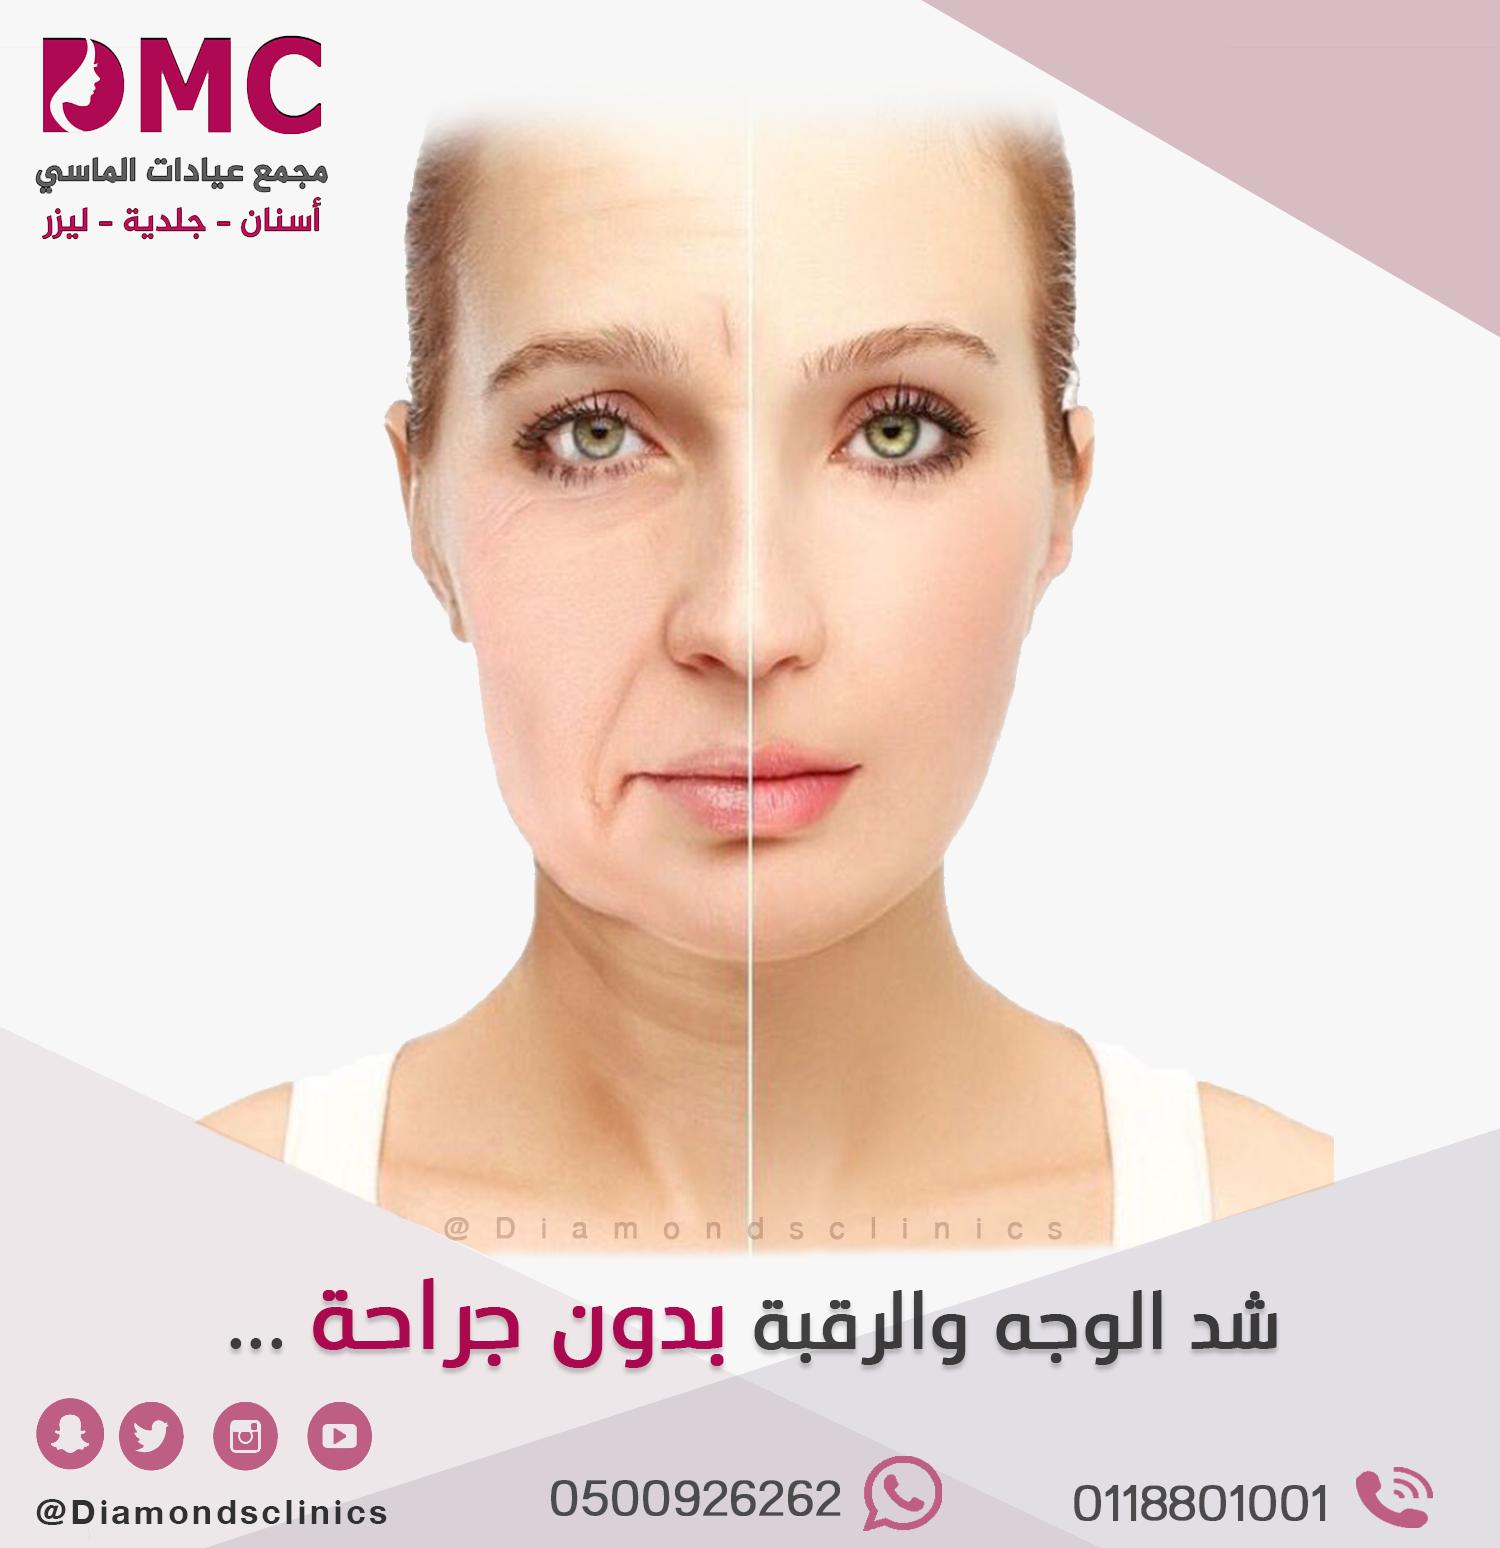 تعد الخيوط التجميليه من الإجراءات التى تحافظ على ملامح الوجه التعبيريه الطبيعيه يمكن رفع الحاجبين رفع الخدود ازاله الخطوط حول الفم شد البشرة